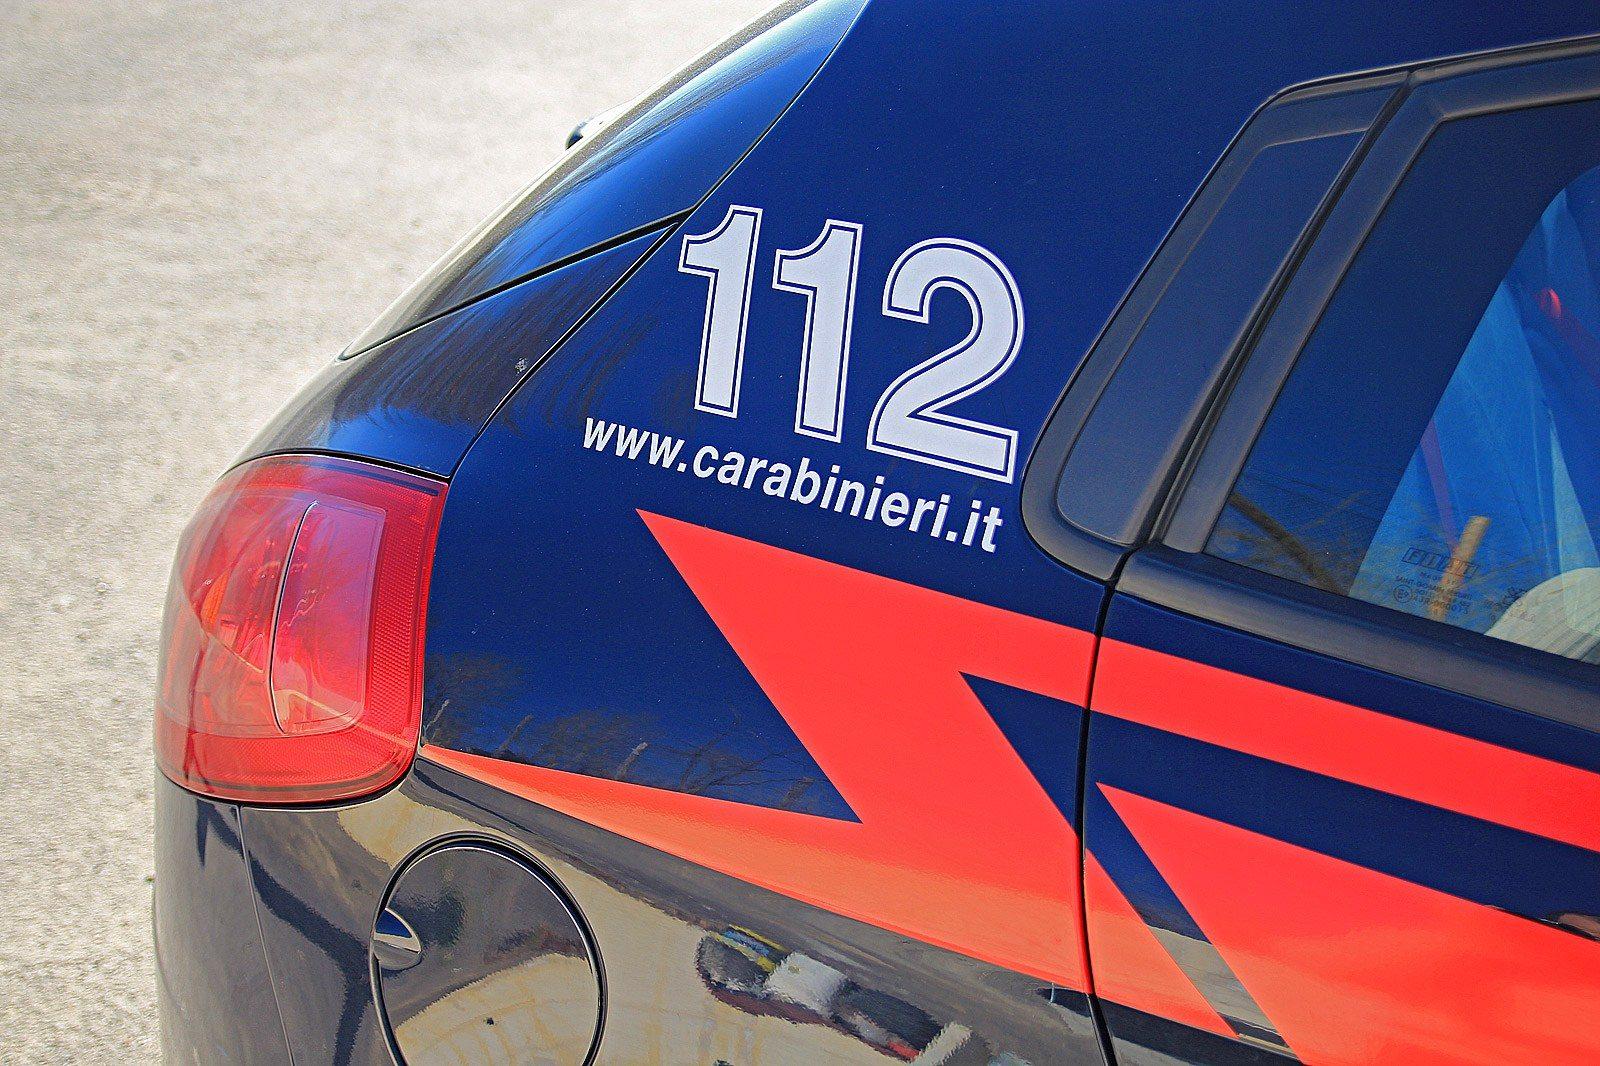 gazzella 112 carabinieri